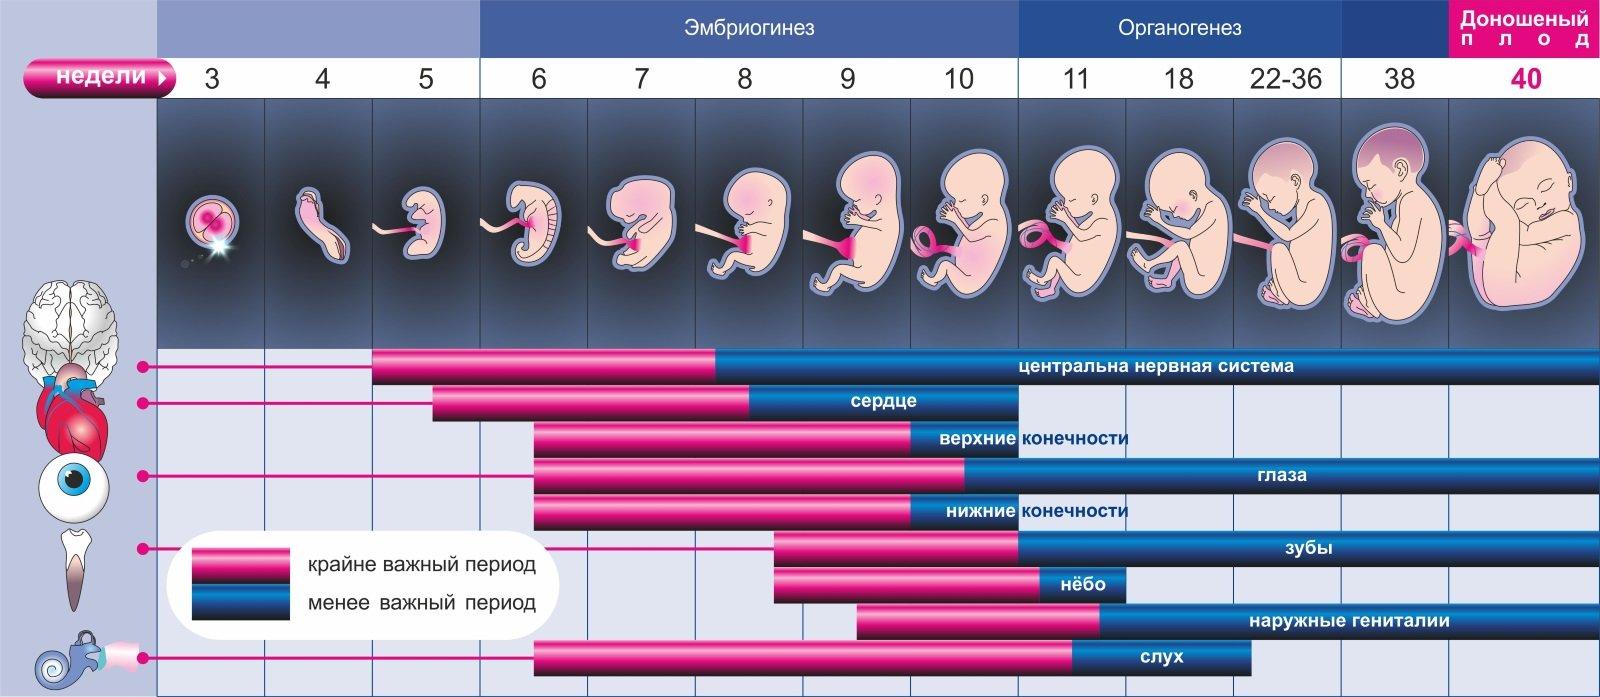 Со скольки недель начинается токсикоз у беременных